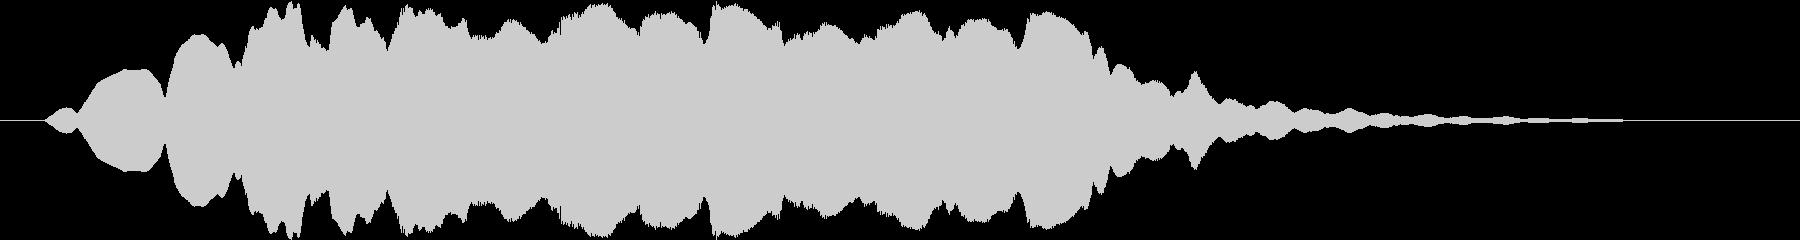 フワーンフワーンフワーン (宇宙と通信)の未再生の波形